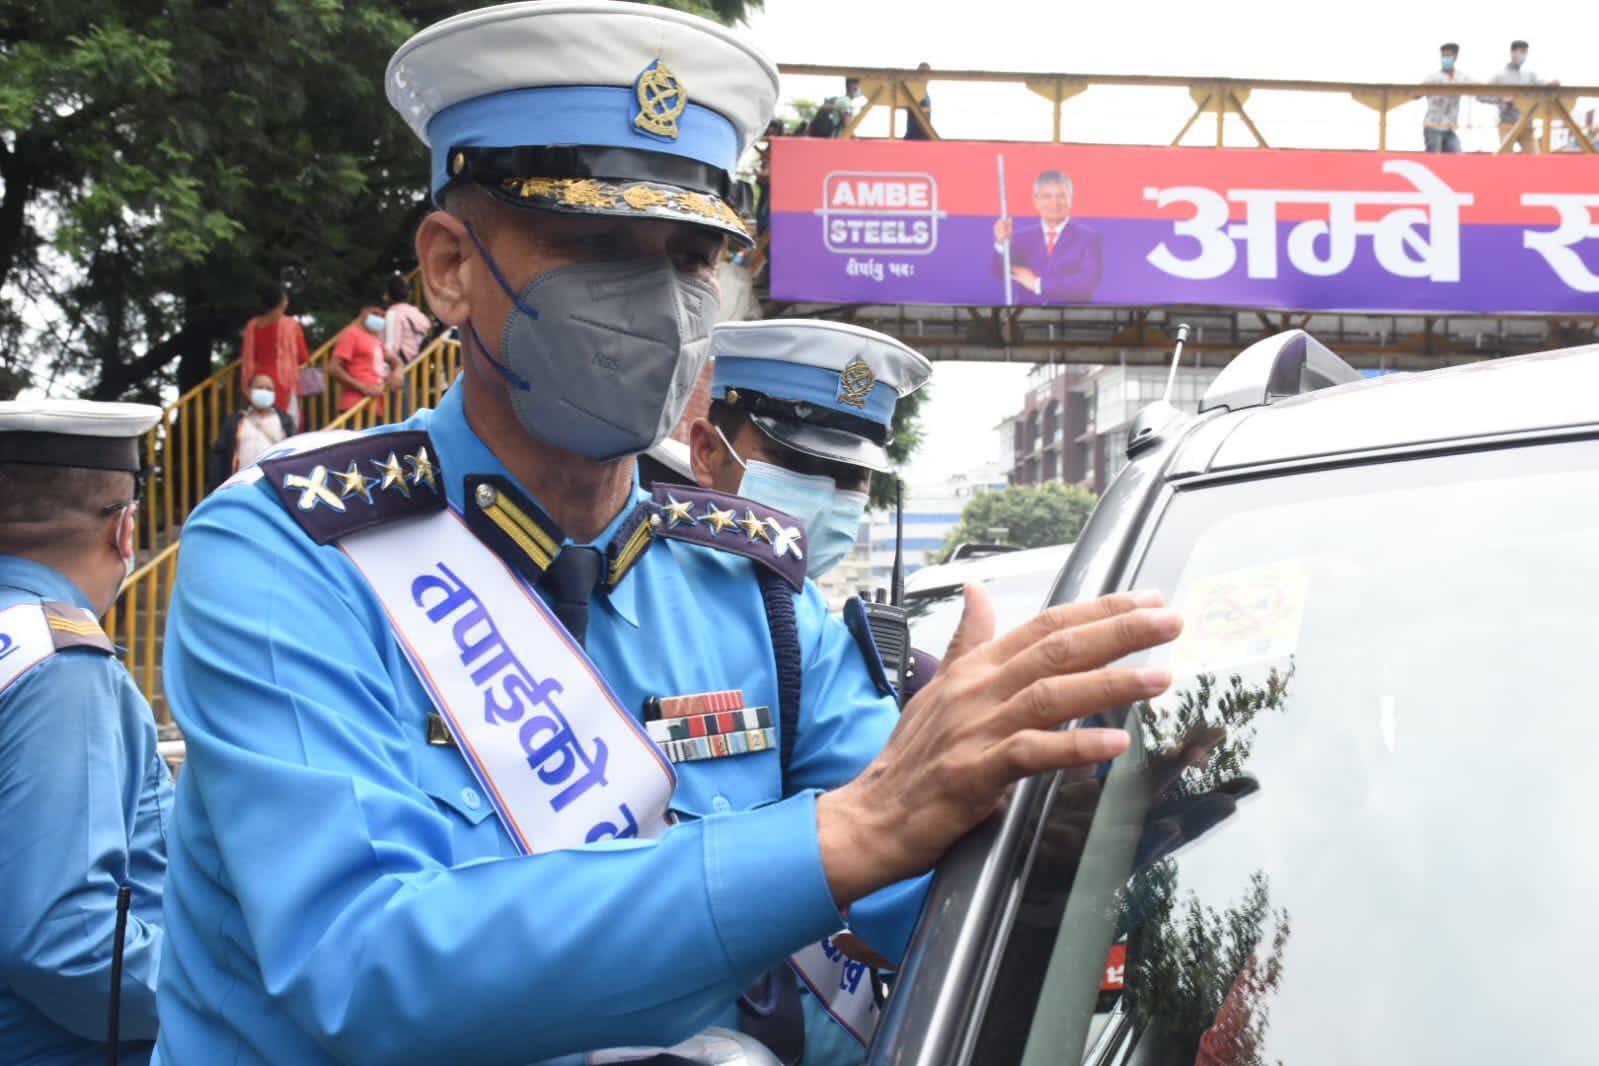 काठमाडौं उपत्यकामा हर्न निषेधलाई थप कडाइ गर्न 'नो हर्न स्टिकर अभियान' शुरु